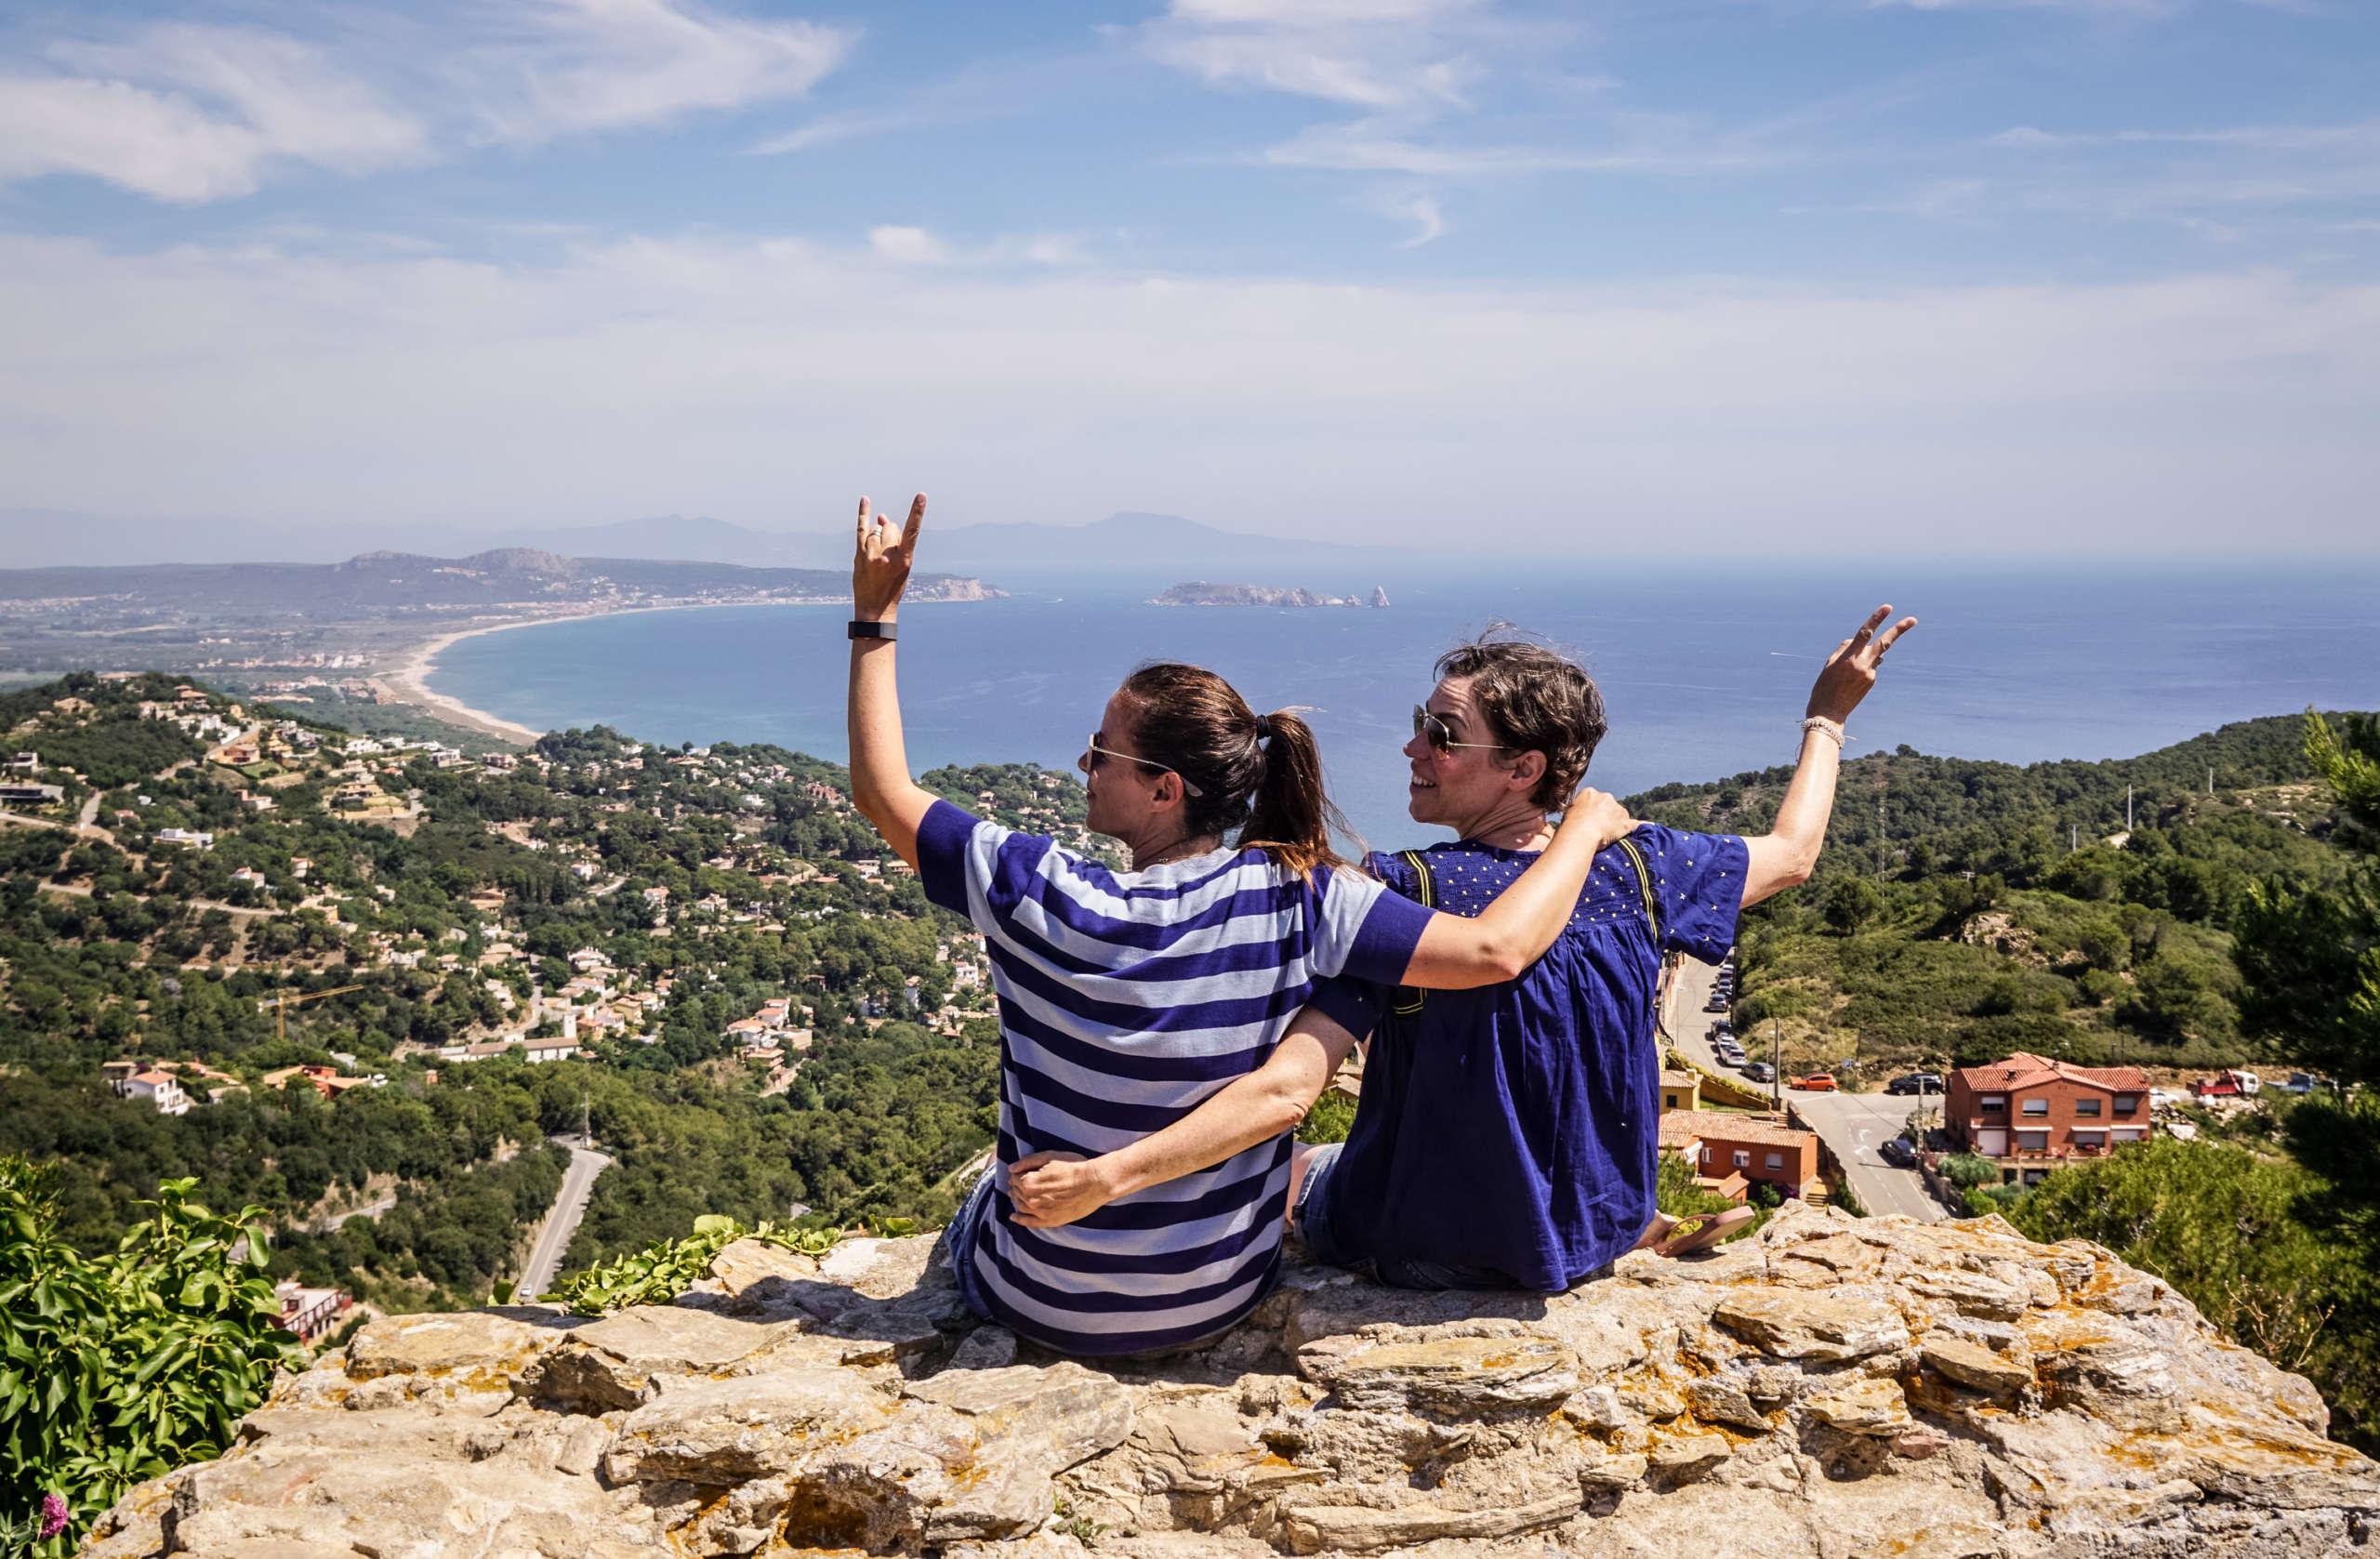 Zwei Frauen auf einem Burgberg in Begur, Costa Brava mit Ausblick auf die Küste.